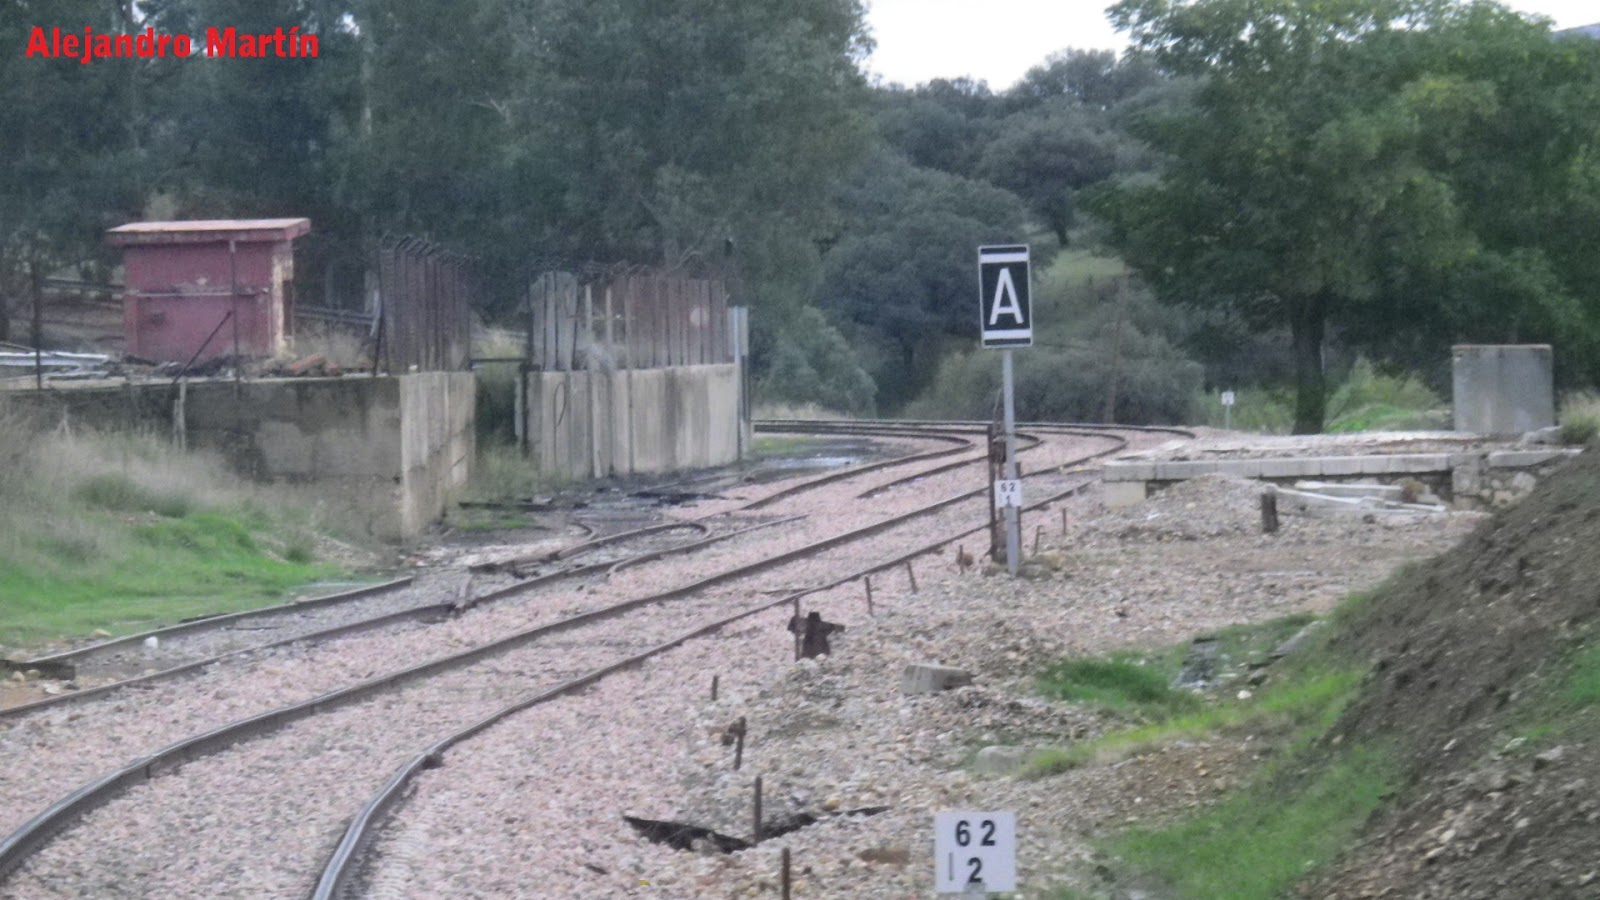 Estaciones de ferrocarril de espa a villanueva del rey for Villanueva del rey